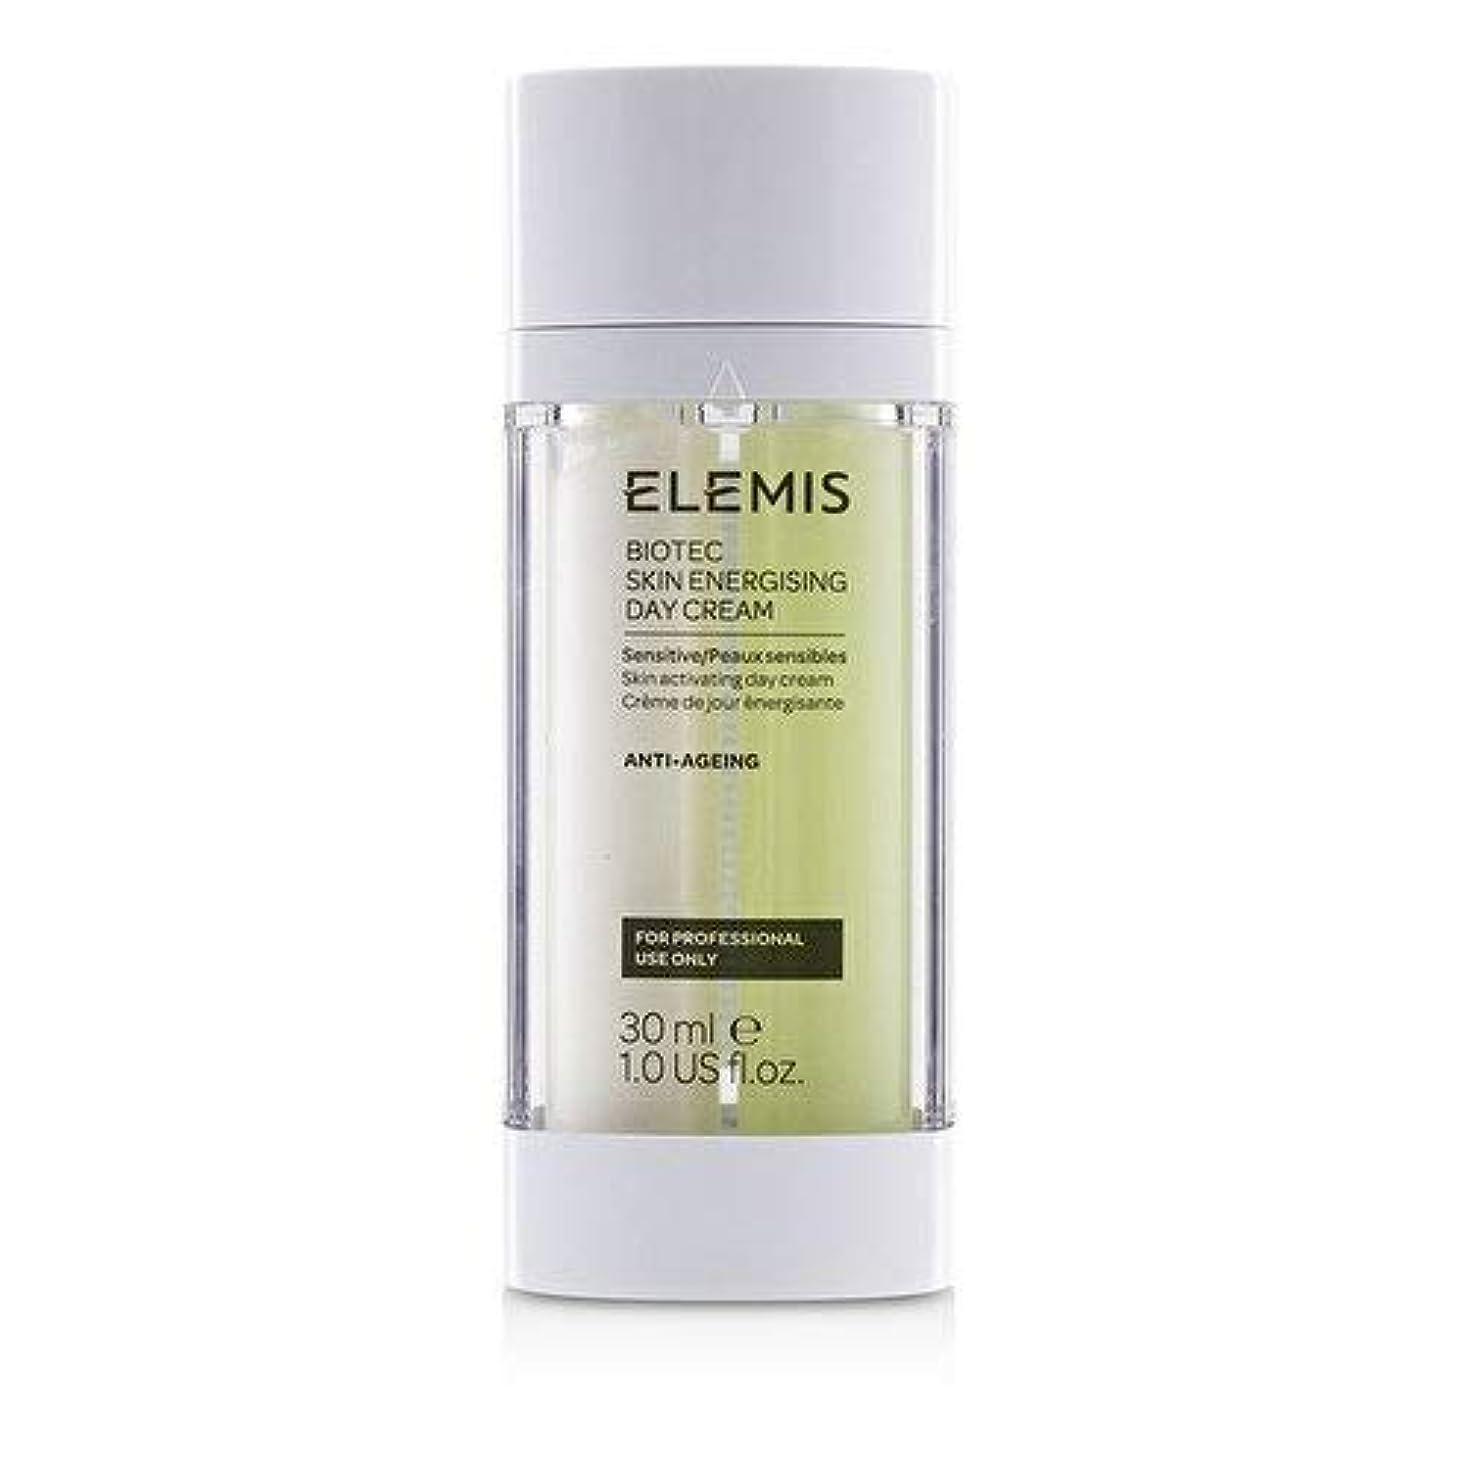 最初に本体センターエレミス BIOTEC Skin Energising Day Cream - Sensitive (Salon Product) 30ml/1oz並行輸入品